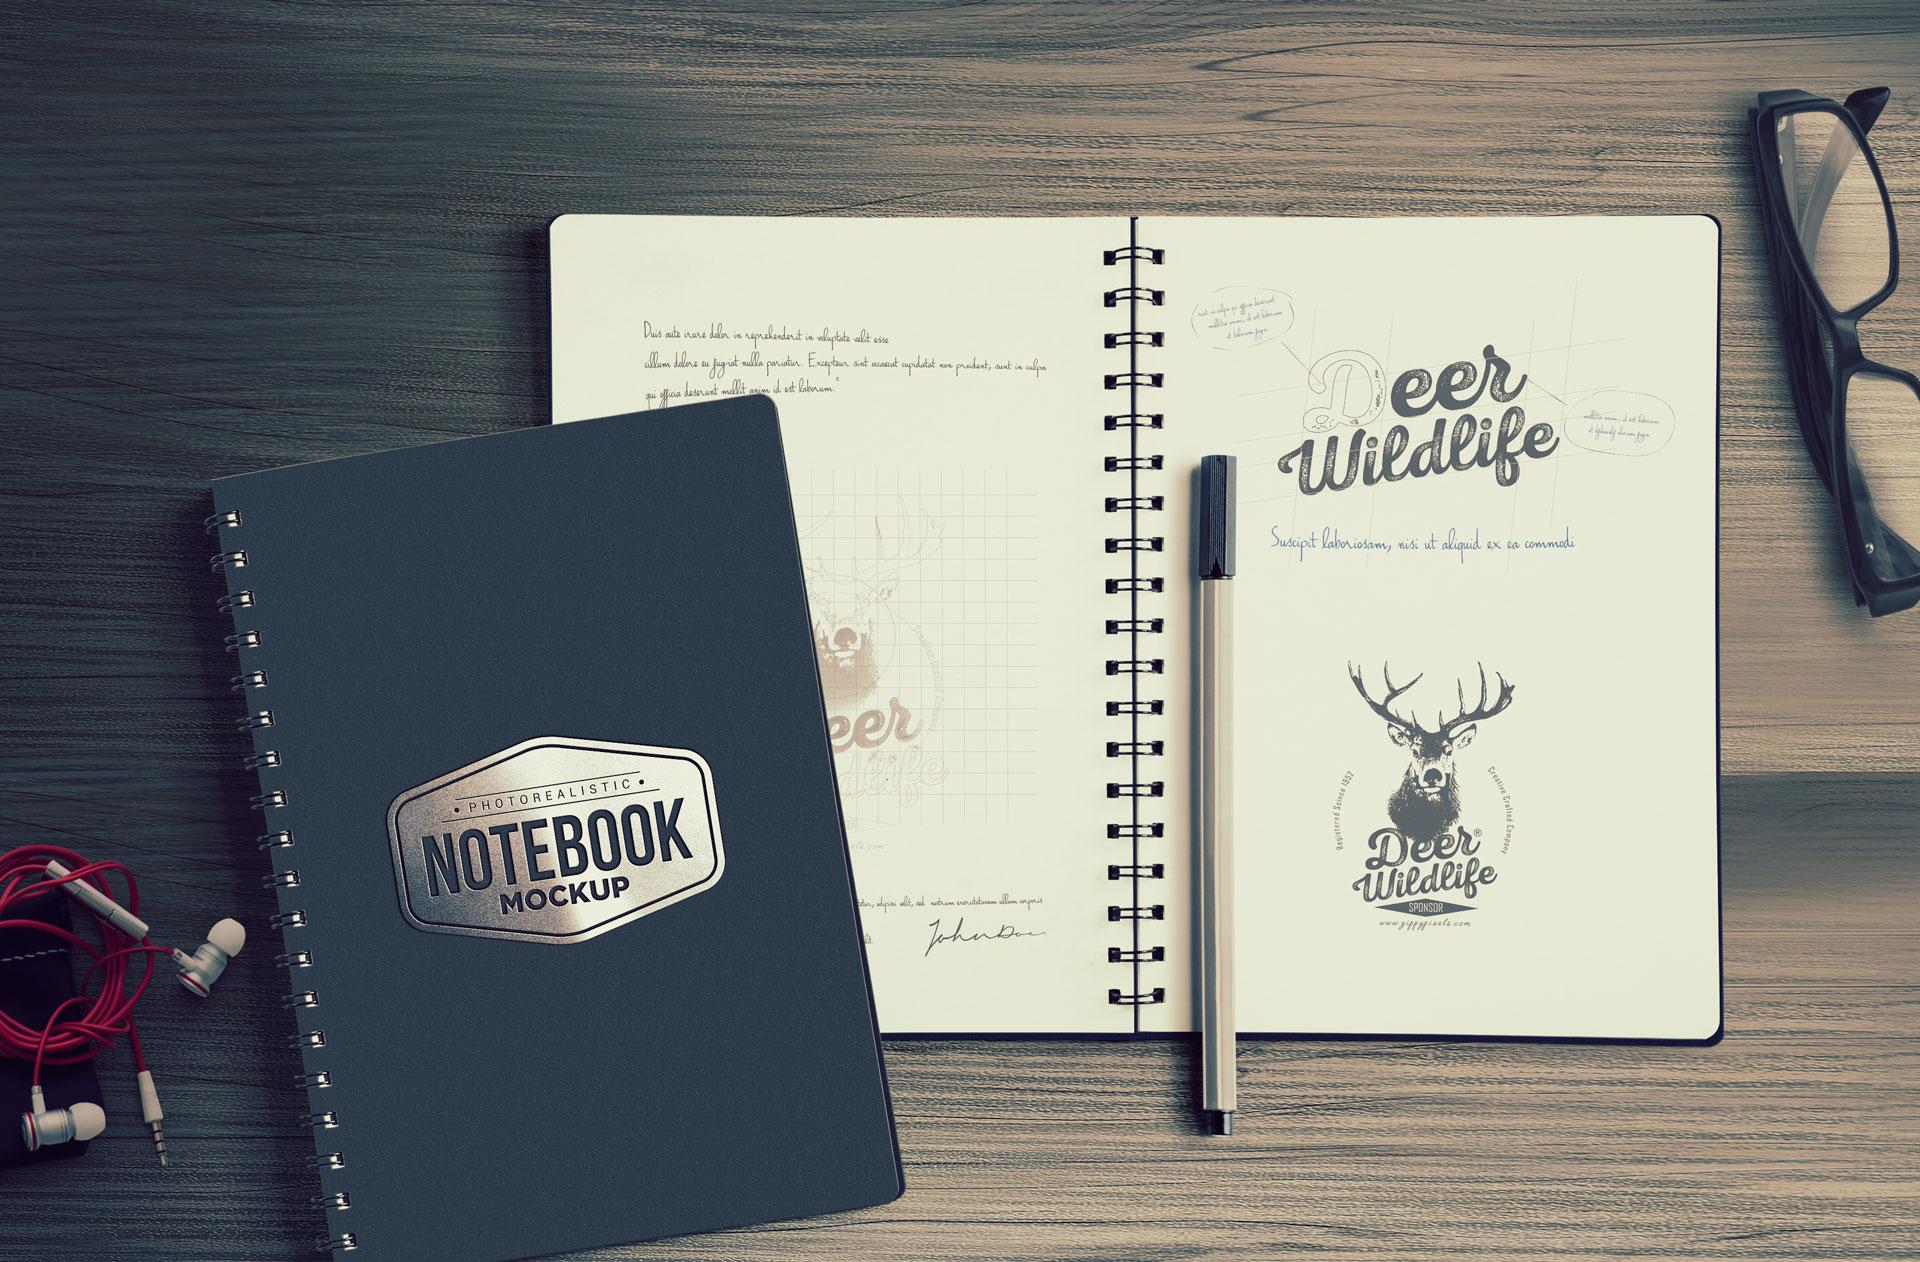 note-book-mockup-scene-01